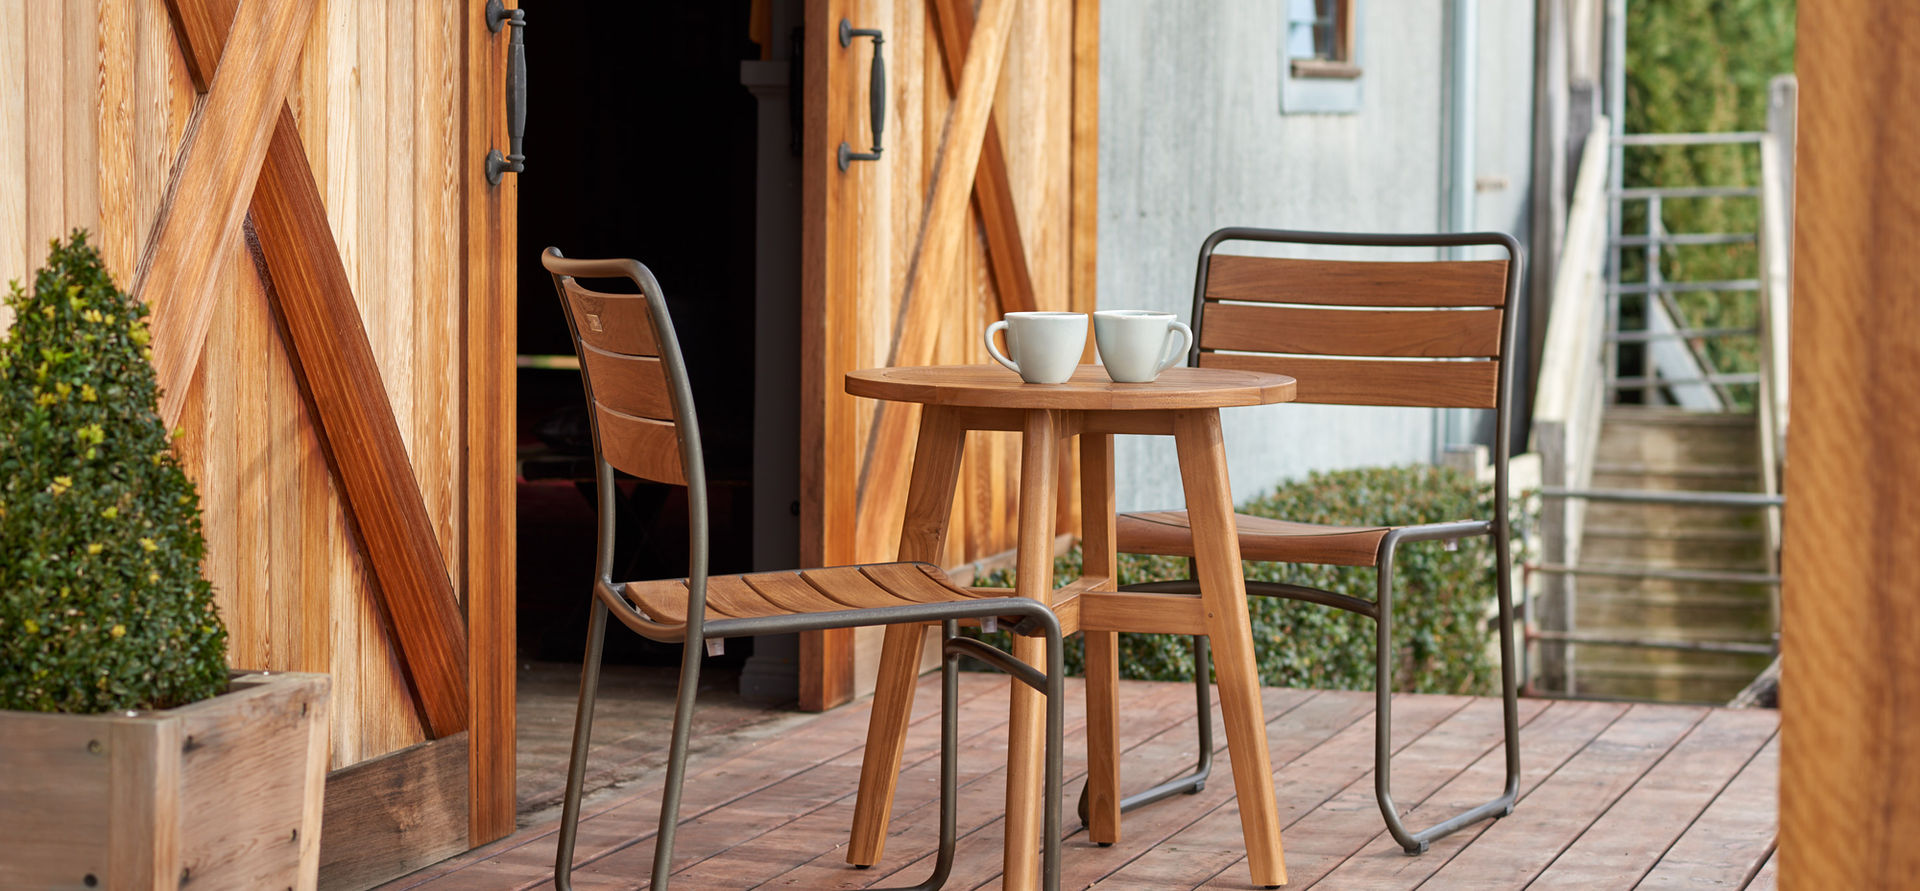 Premium aluminium & teak wood